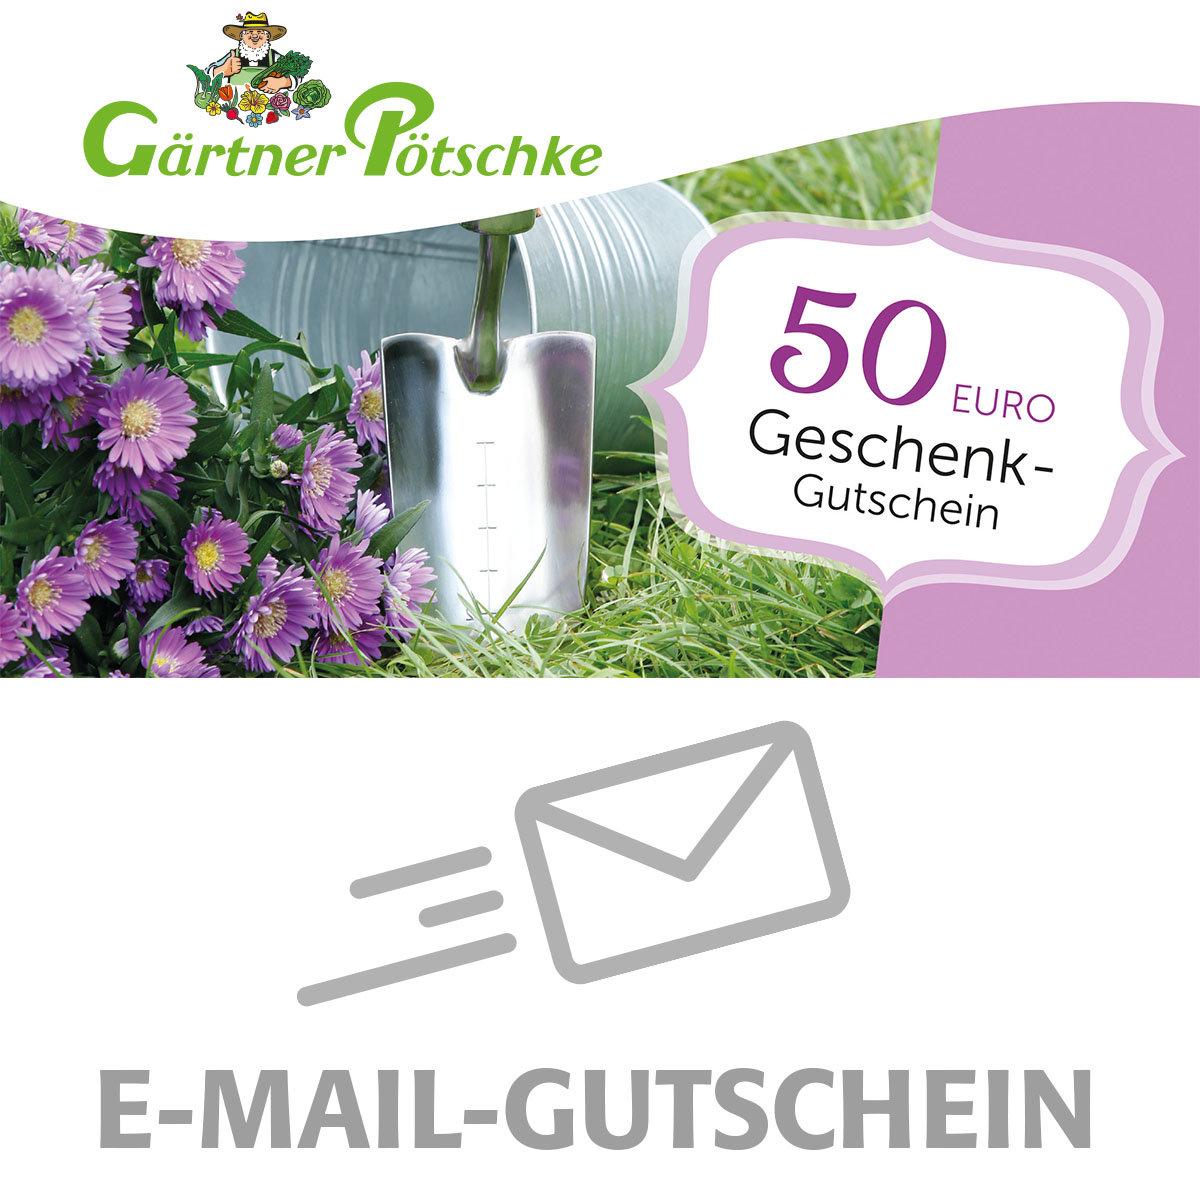 50,- Euro Online-Geschenkgutschein